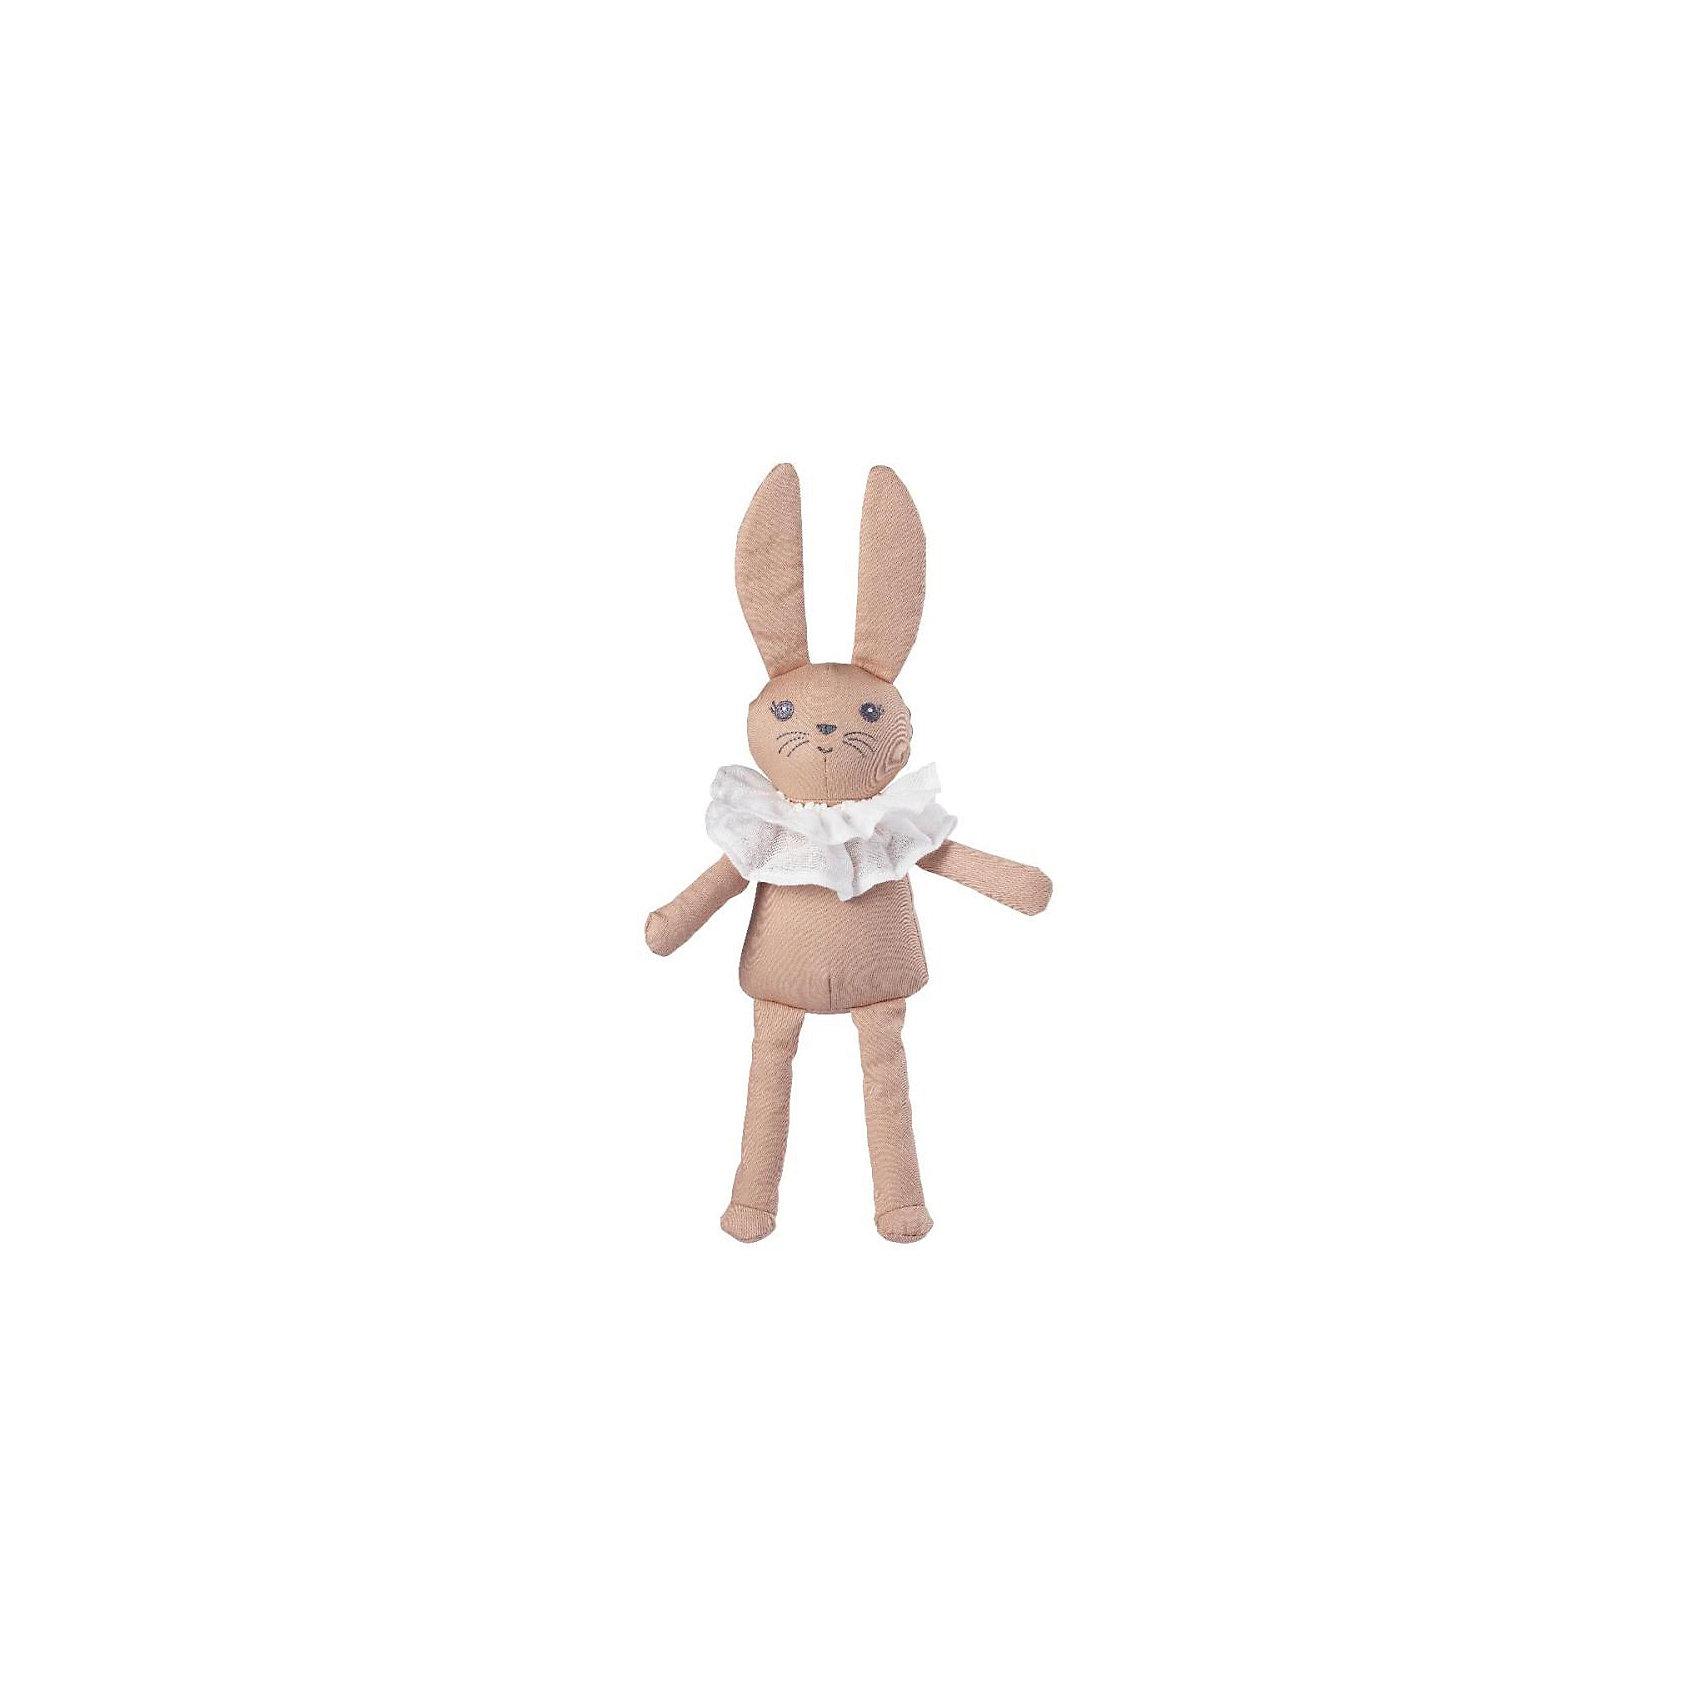 Игрушка Зайчики Lovely Lily, Elodie Details, пудровый розовыйИгрушка Elodie Details Lovely Lily  Уникальная троица игрушек-кроликов;от Elodie Details. Каждая из игрушек индивидуальна и имеет своей неповторимый характер и дизайн!;Игрушка непременно;станет любимцем вашего малыша;и его верным спутником в приключениях дома или на природе.  - материал 100% хлопок- длина;41 см;(включая уши)<br><br>Ширина мм: 200<br>Глубина мм: 60<br>Высота мм: 120<br>Вес г: 81<br>Возраст от месяцев: 0<br>Возраст до месяцев: 36<br>Пол: Унисекс<br>Возраст: Детский<br>SKU: 4966118